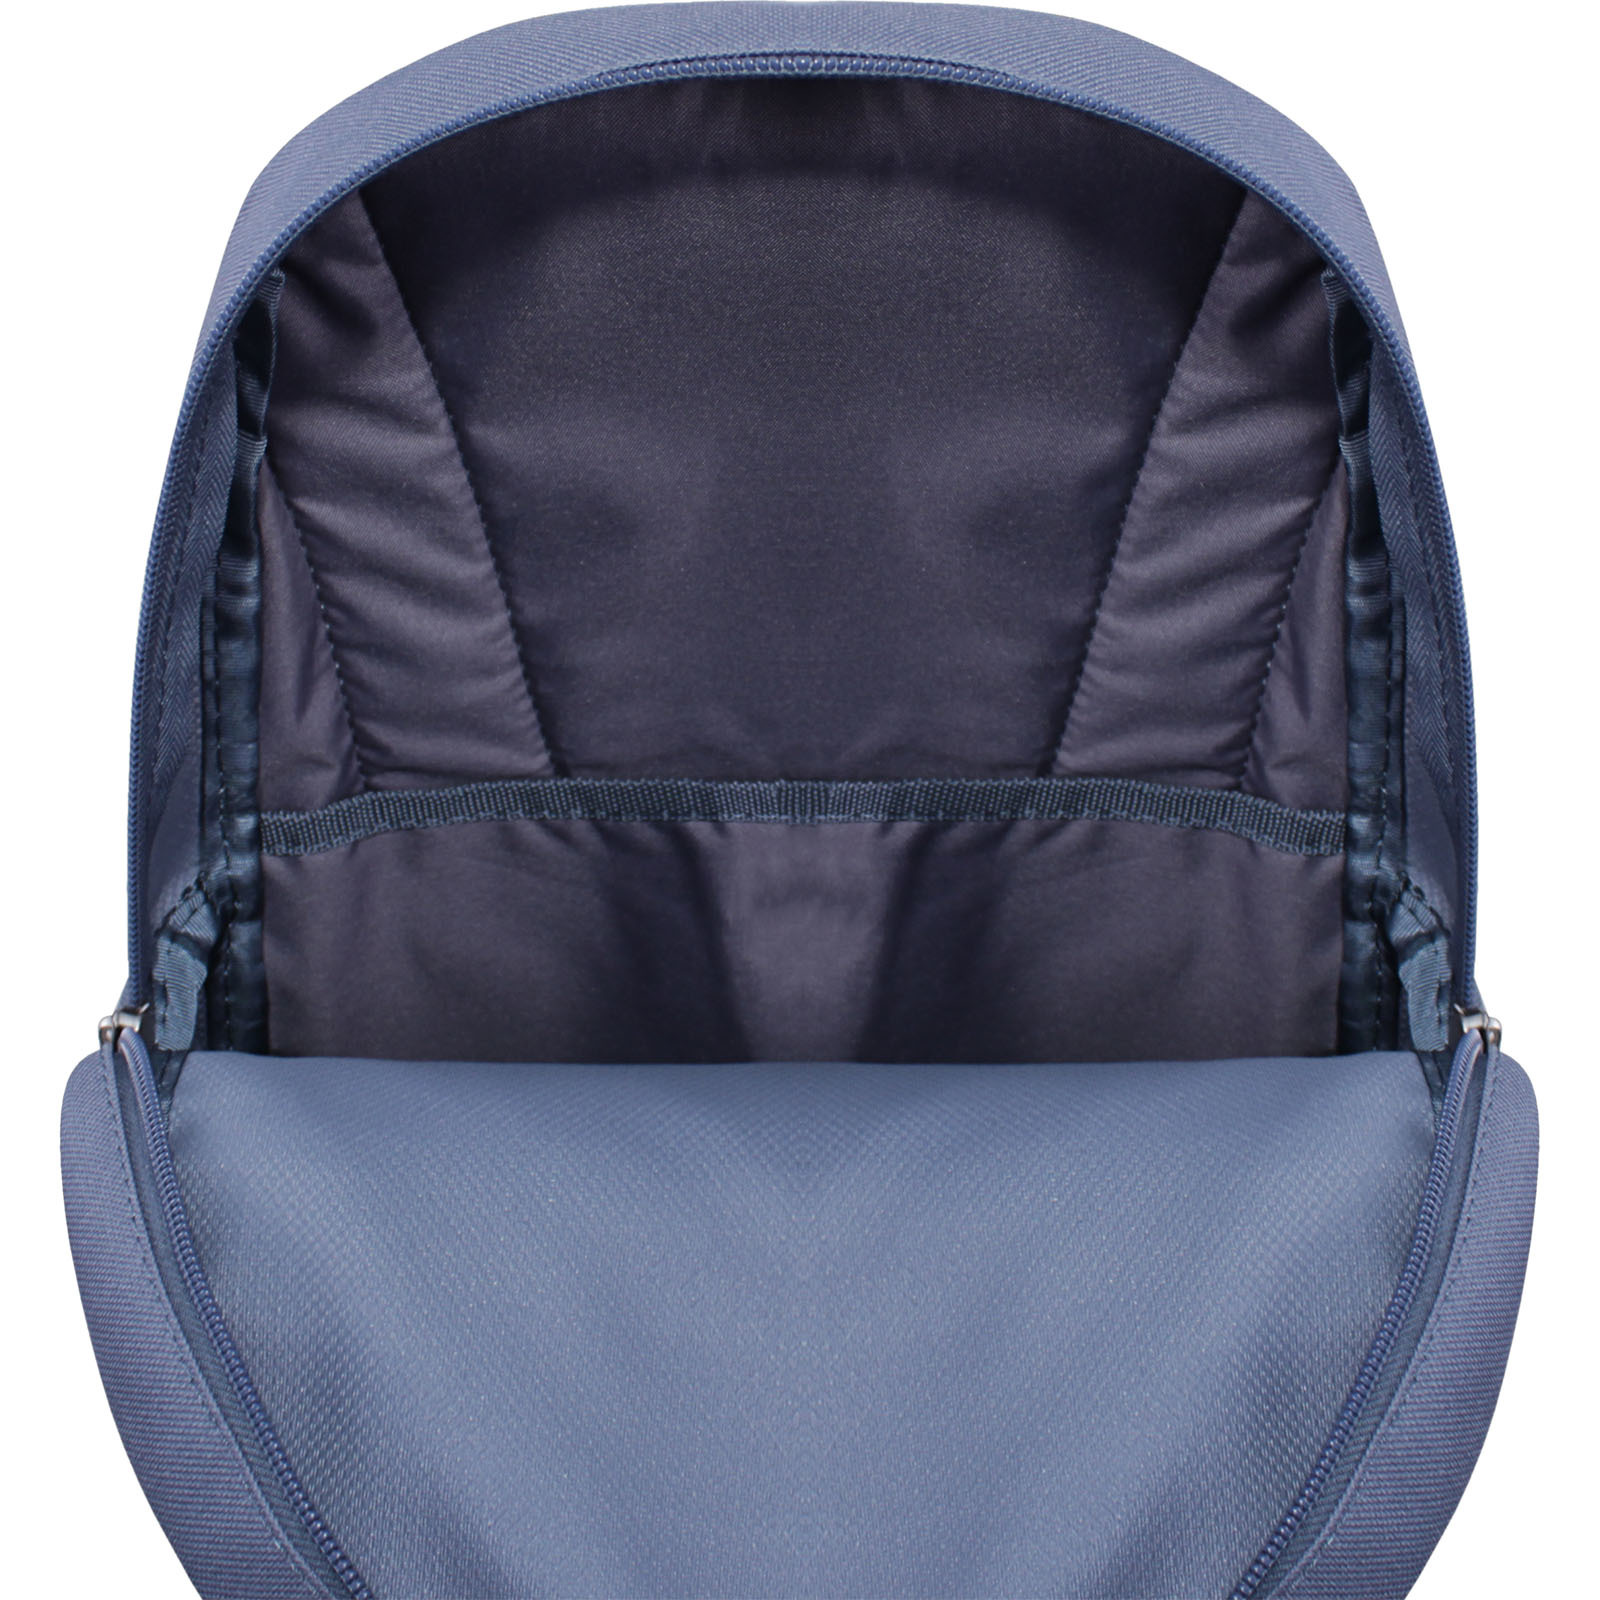 Рюкзак Bagland Urban 20 л. Темно серый (0053066)